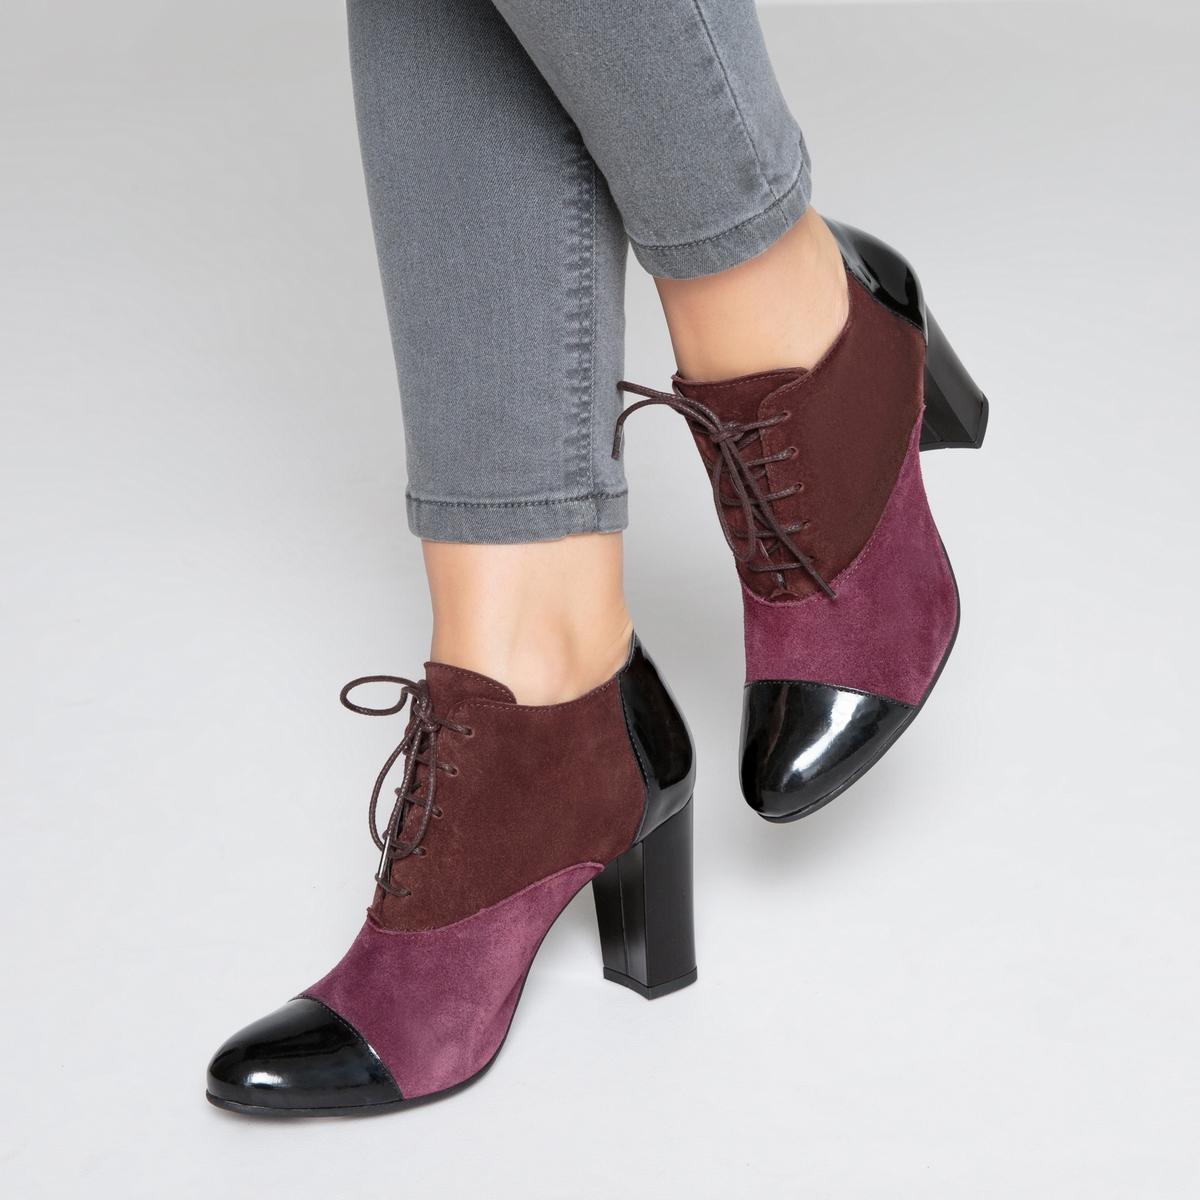 Ботинки-дерби трехцветные кожаные на высоком каблукеОписание:Детали •  Ботинки-дерби •  Высота каблука : 8 см •  Застежка : шнуровка •  Круглый мысок •  Велюровая отделка, нубукСостав и уход •  Верх 100% замша •  Подкладка 100% текстиль •  Стелька 100% кожа •  Подошва 100% эластомер •  Сделано в Португалии<br><br>Цвет: кирпичный<br>Размер: 41.39